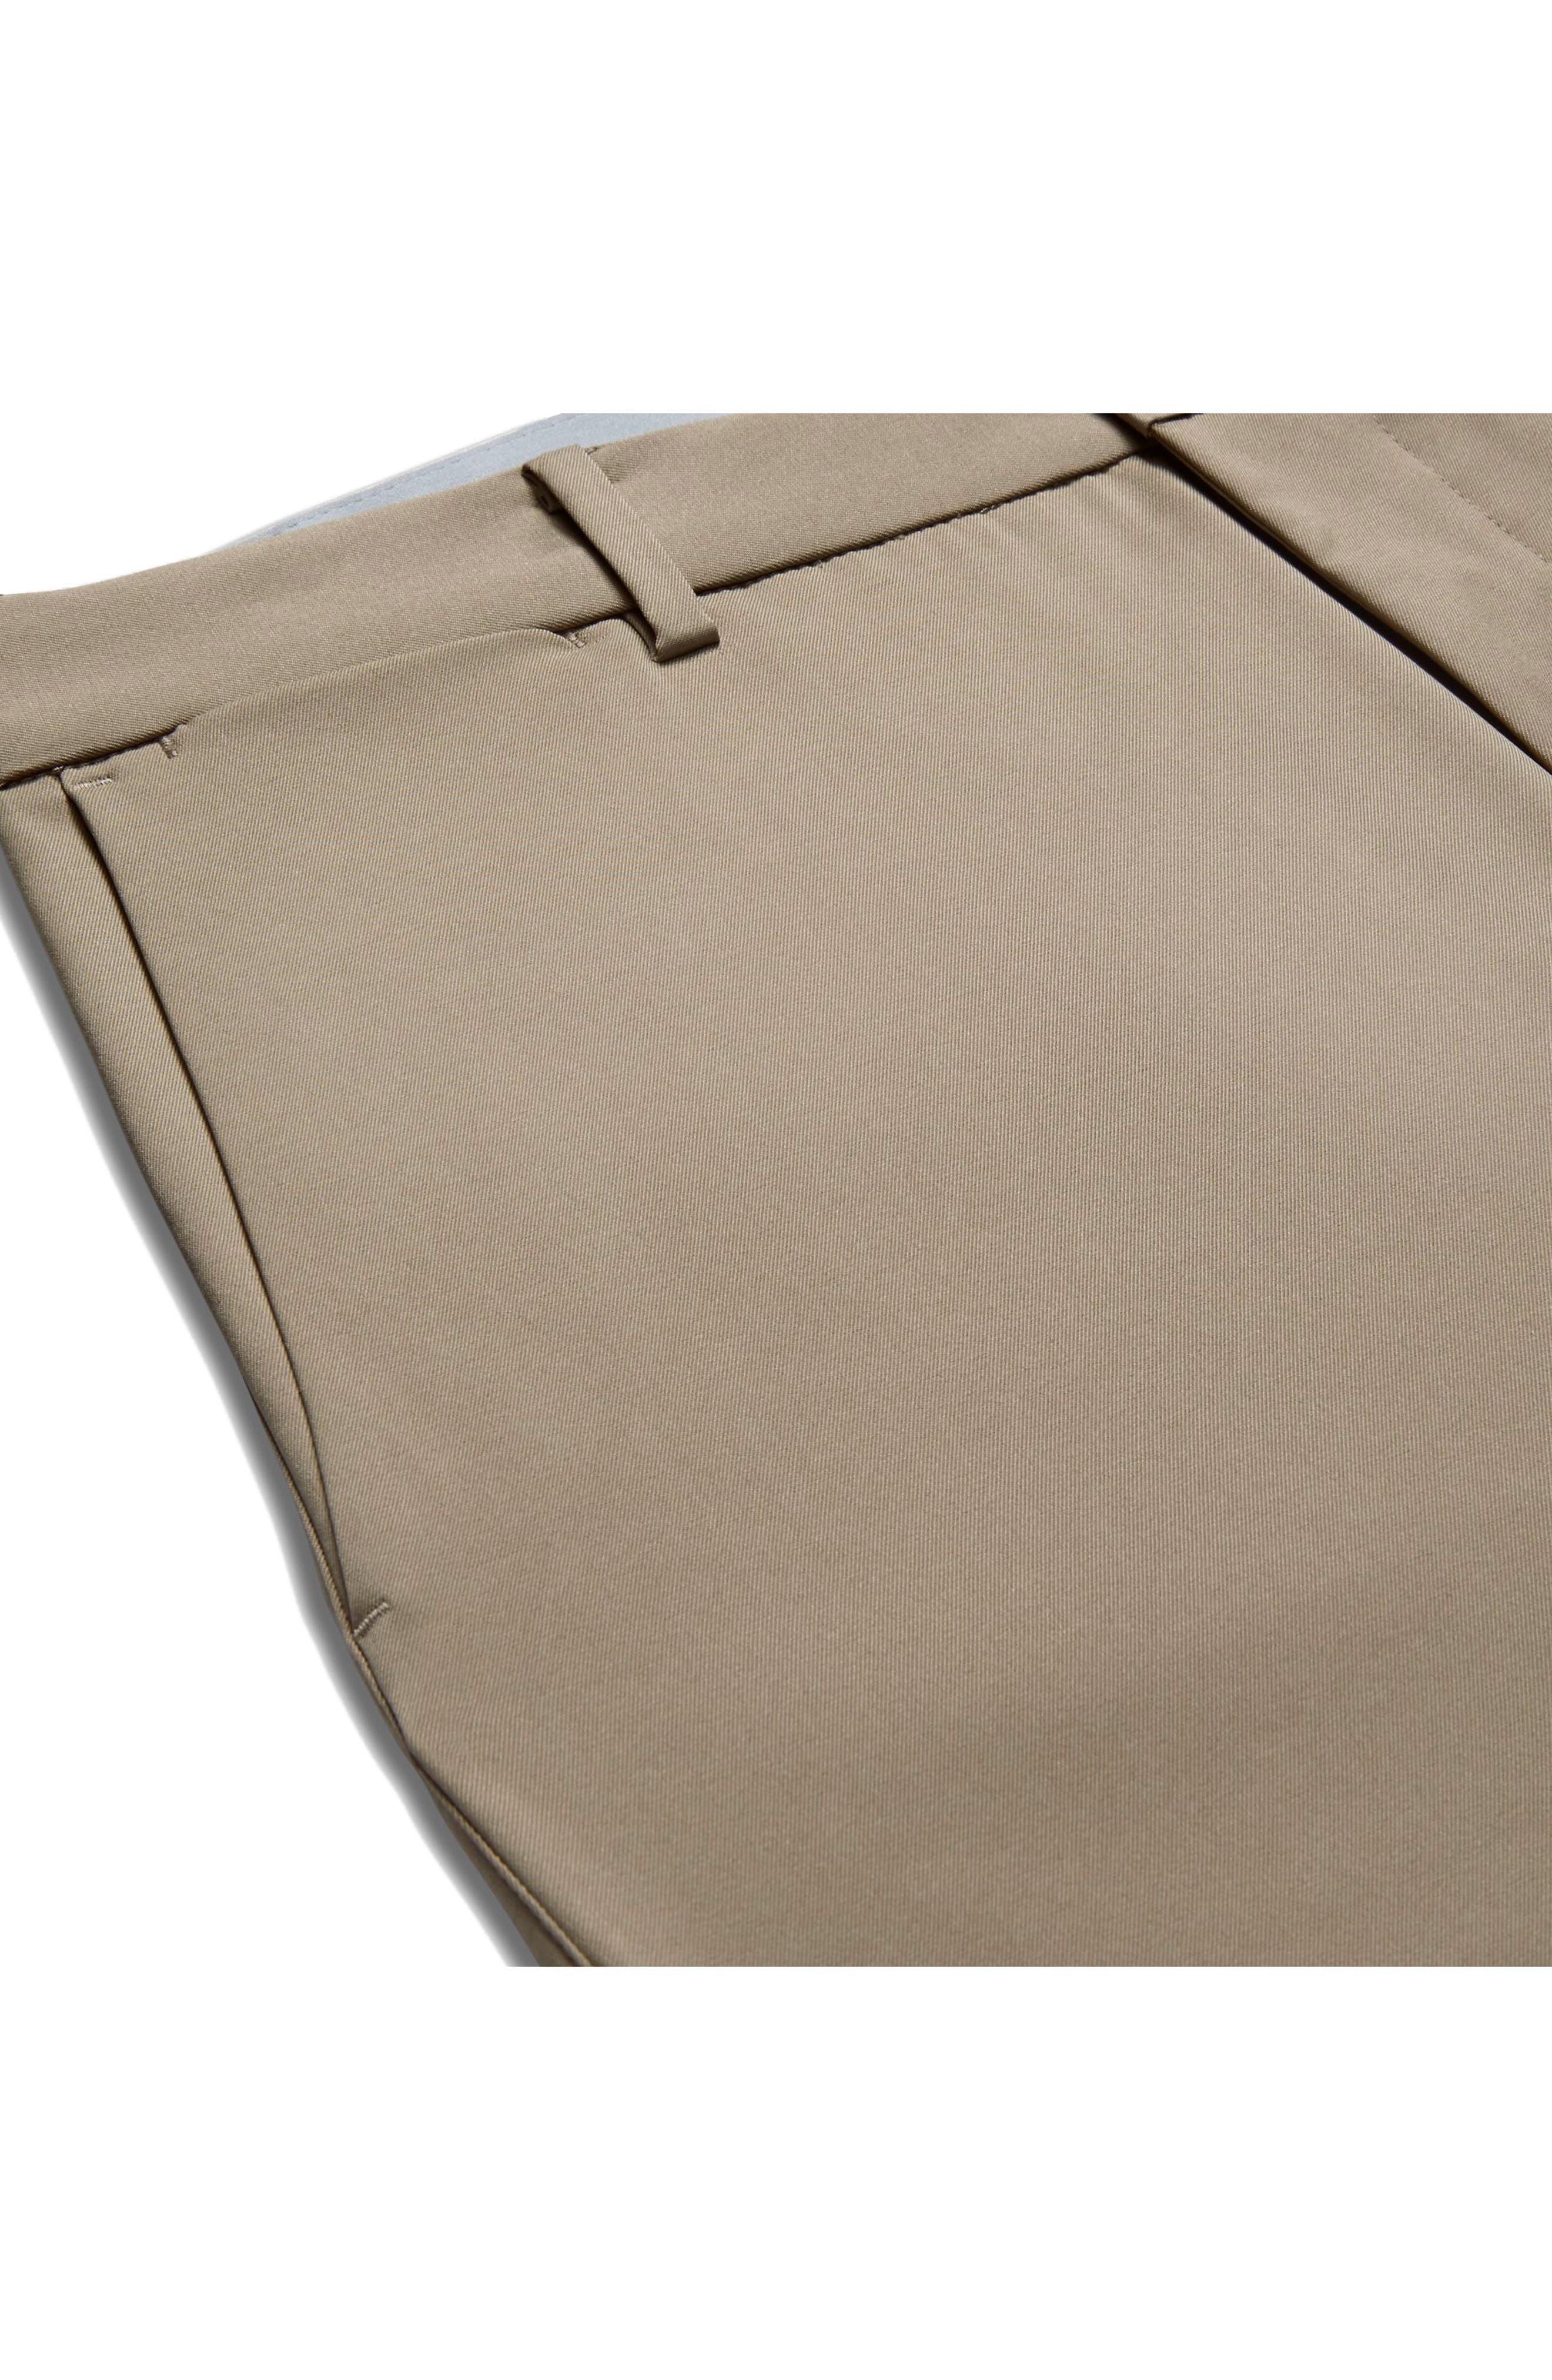 Flat Front Dri-FIT Tech Golf Pants,                             Alternate thumbnail 63, color,